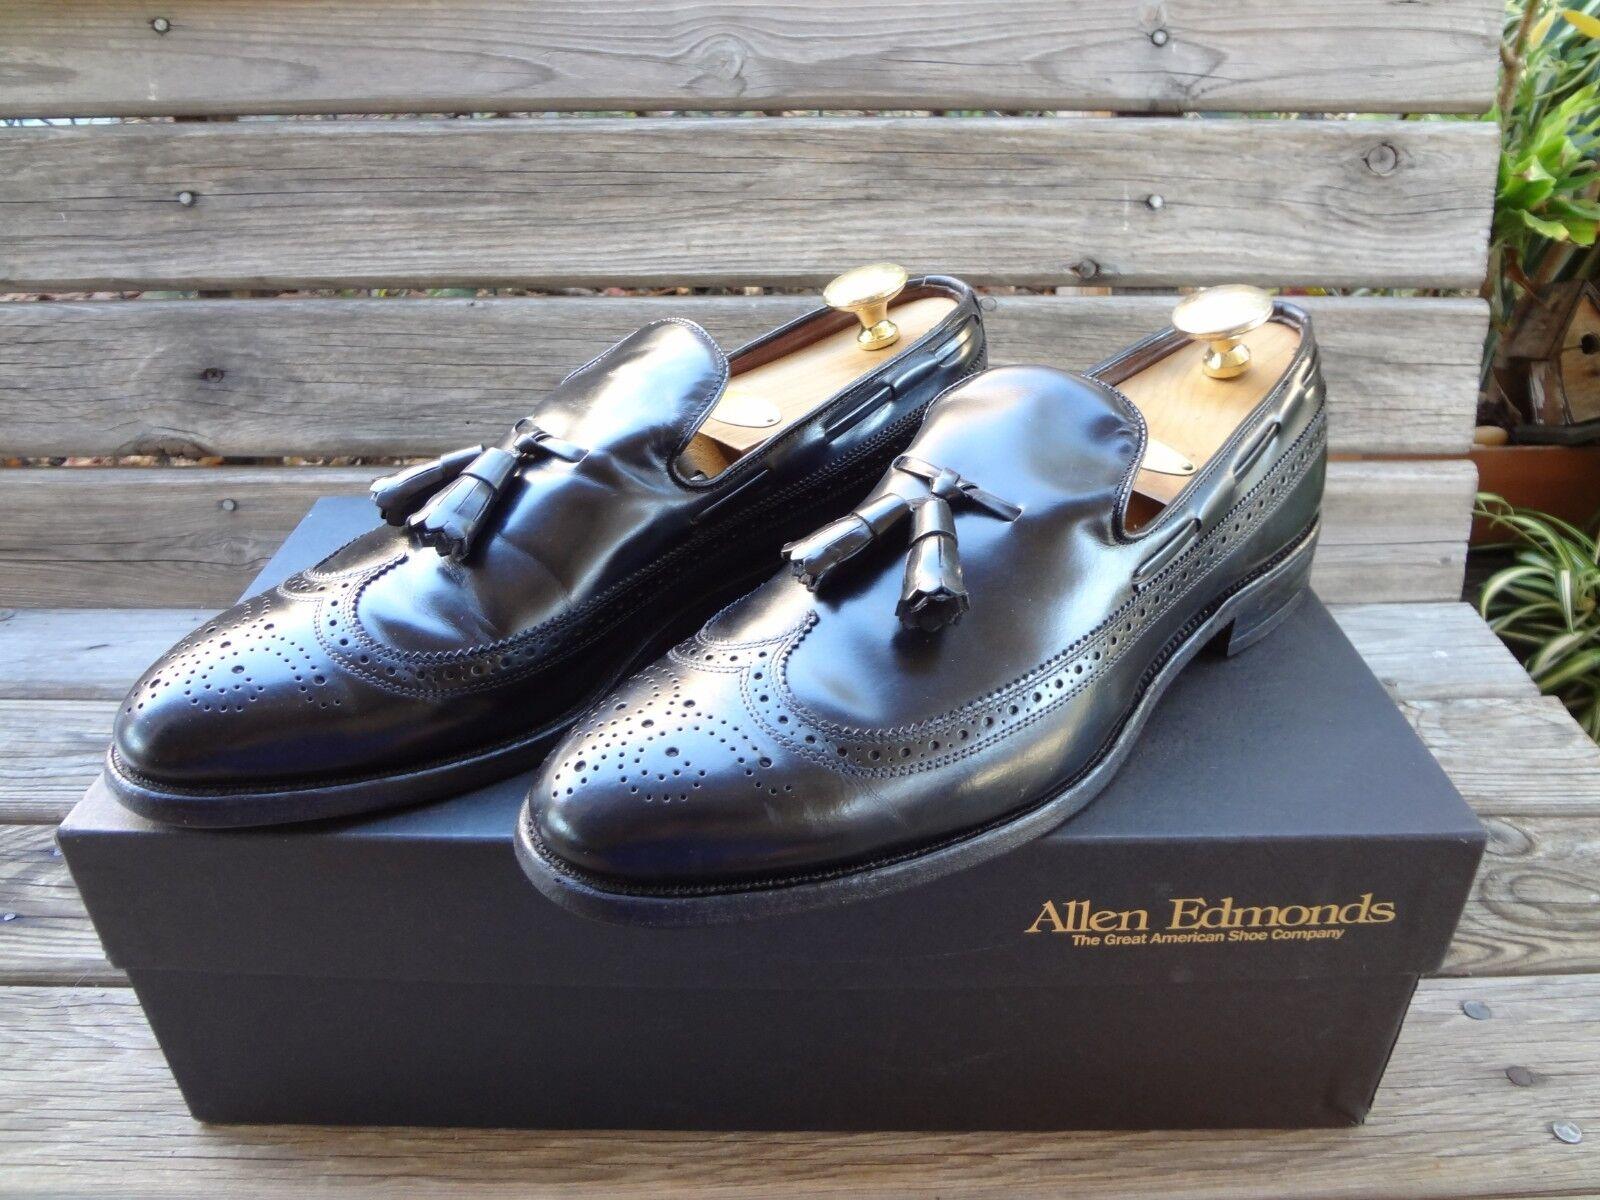 ti renderà soddisfatto Allen Edmonds Berwick nero Leather Wingtip Tassel Loafers scarpe Uomo Uomo Uomo Dimensione 9.5 B  vendita online